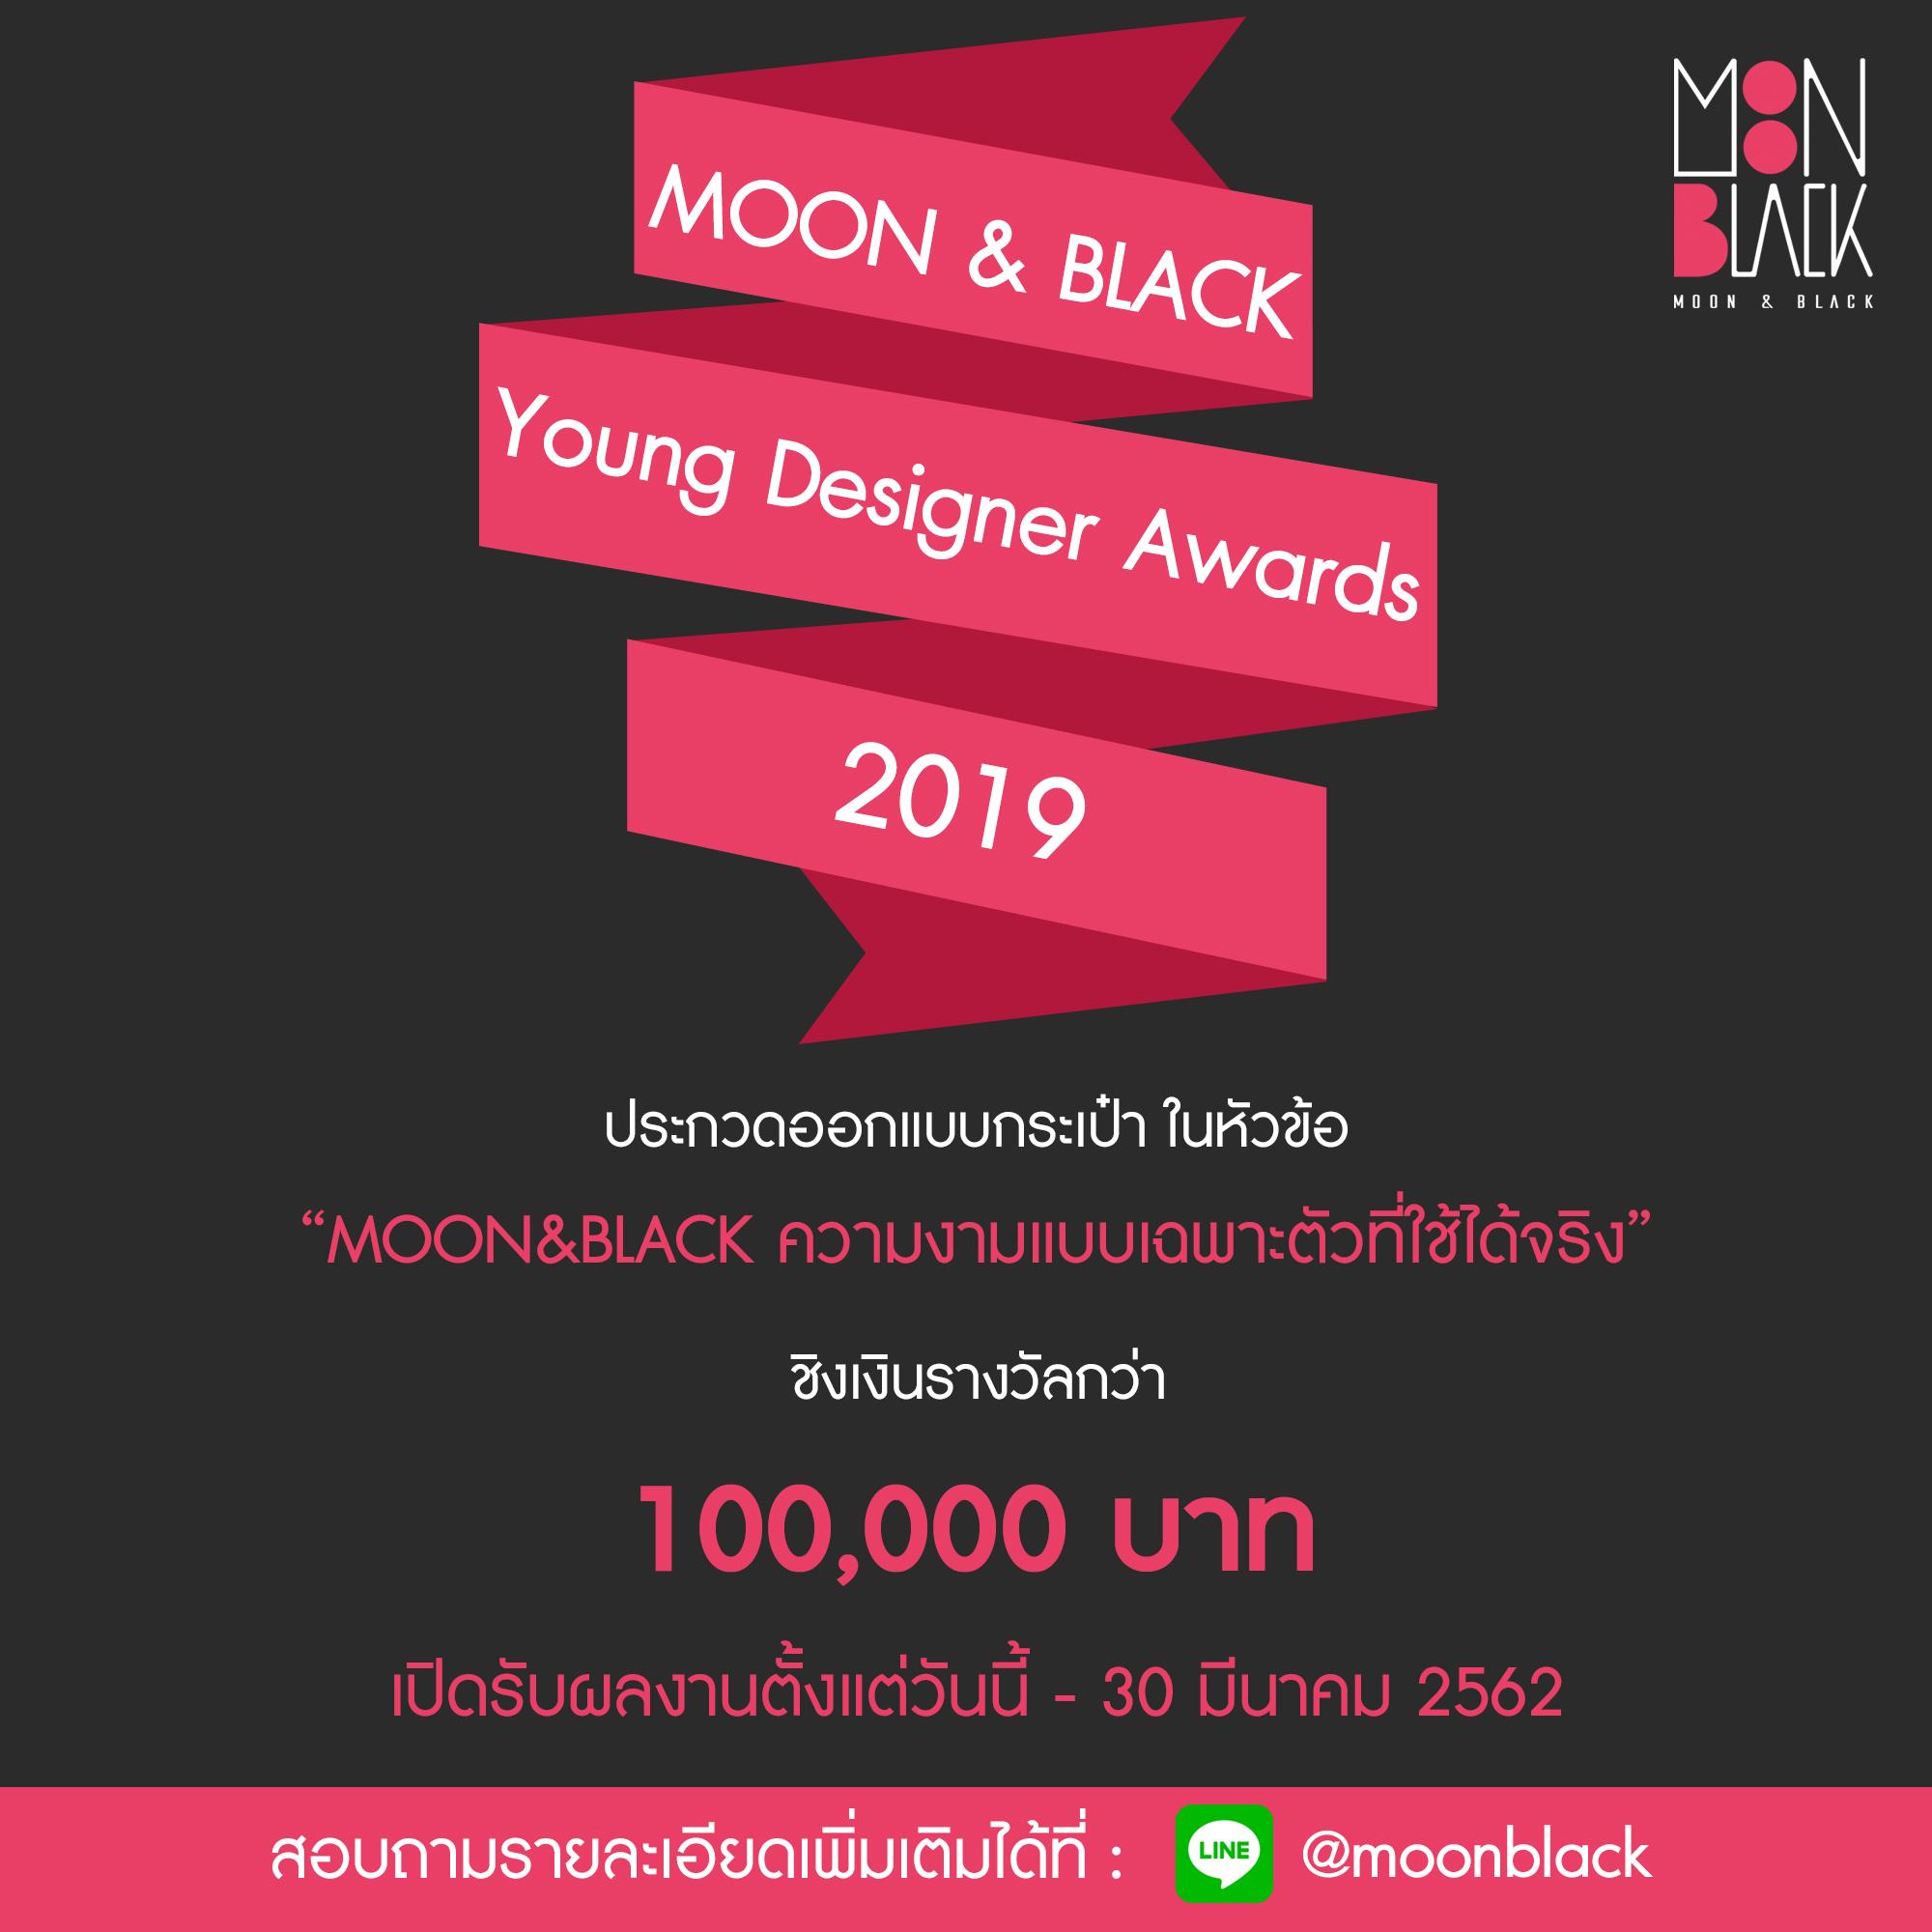 ขอเชิญนิสิต นักศึกษาและบุคคลทั่วไป ร่วมส่งผลงานออกแบบกระเป๋าในการประกวด MOON&BLACK Young Designer Awards 2019 ชิงรางวัลมูลค่า 100,000 บาท 13 -